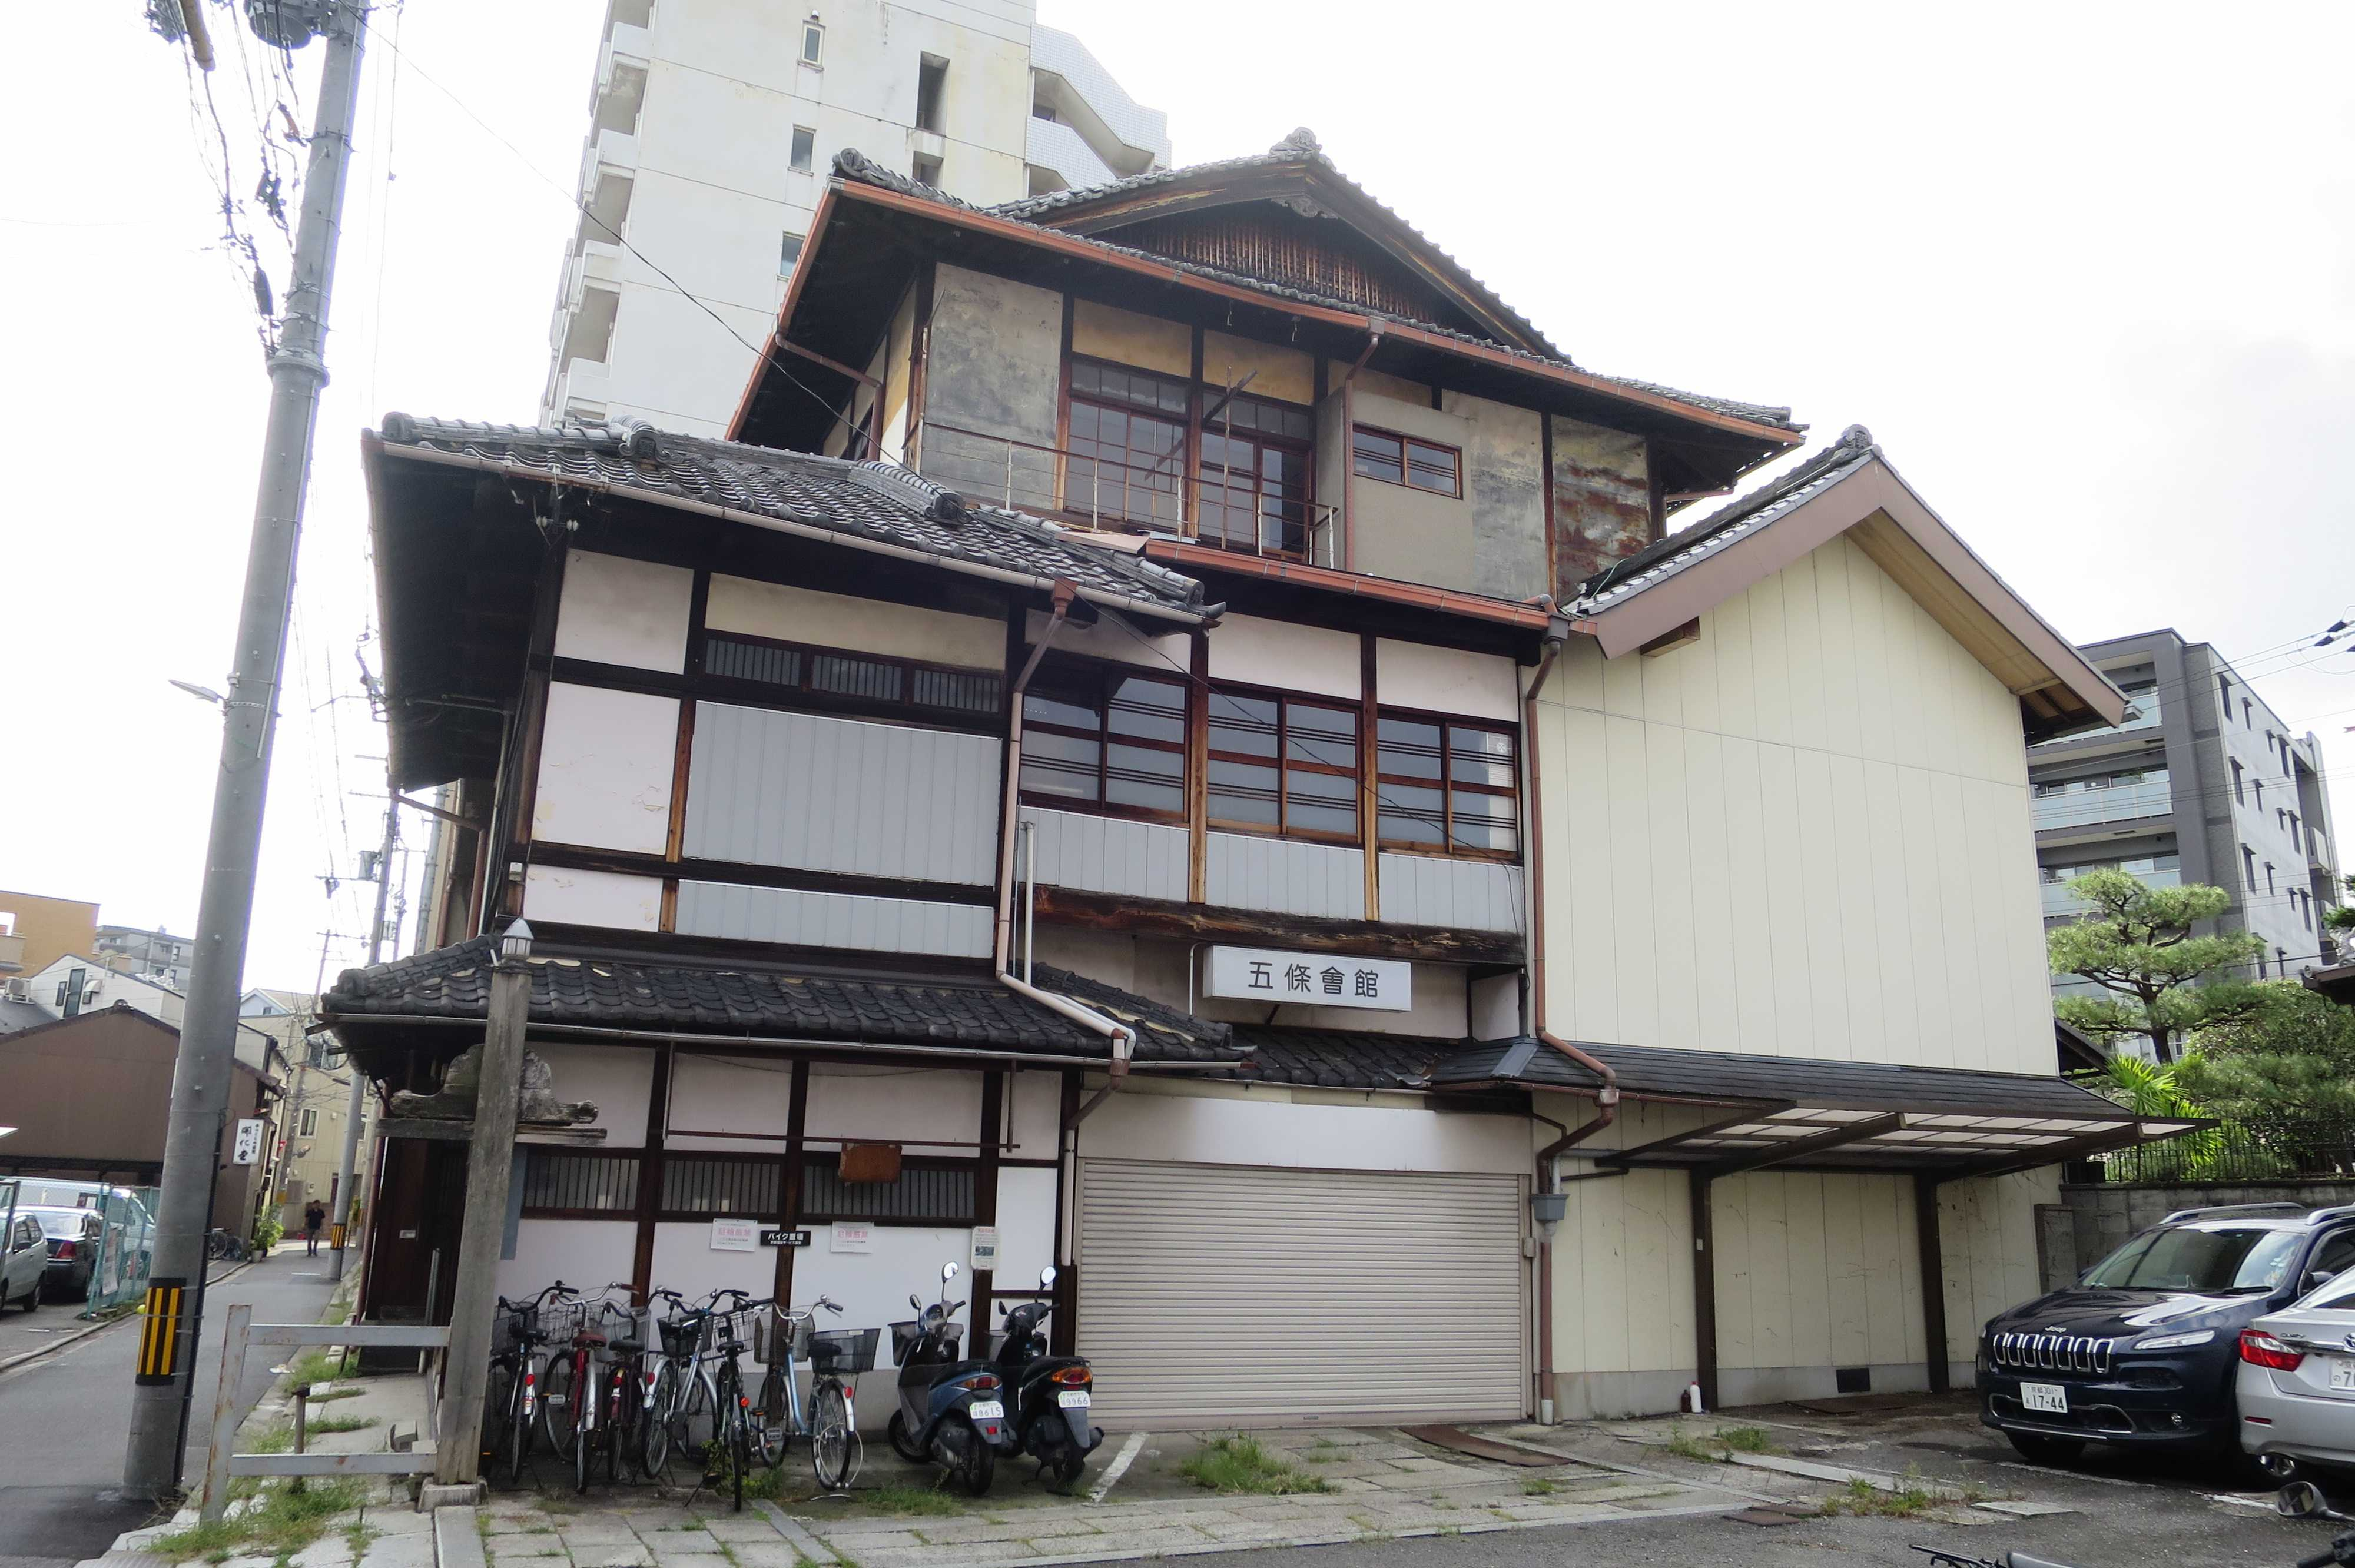 京都・五条楽園 - 旧歌舞練場